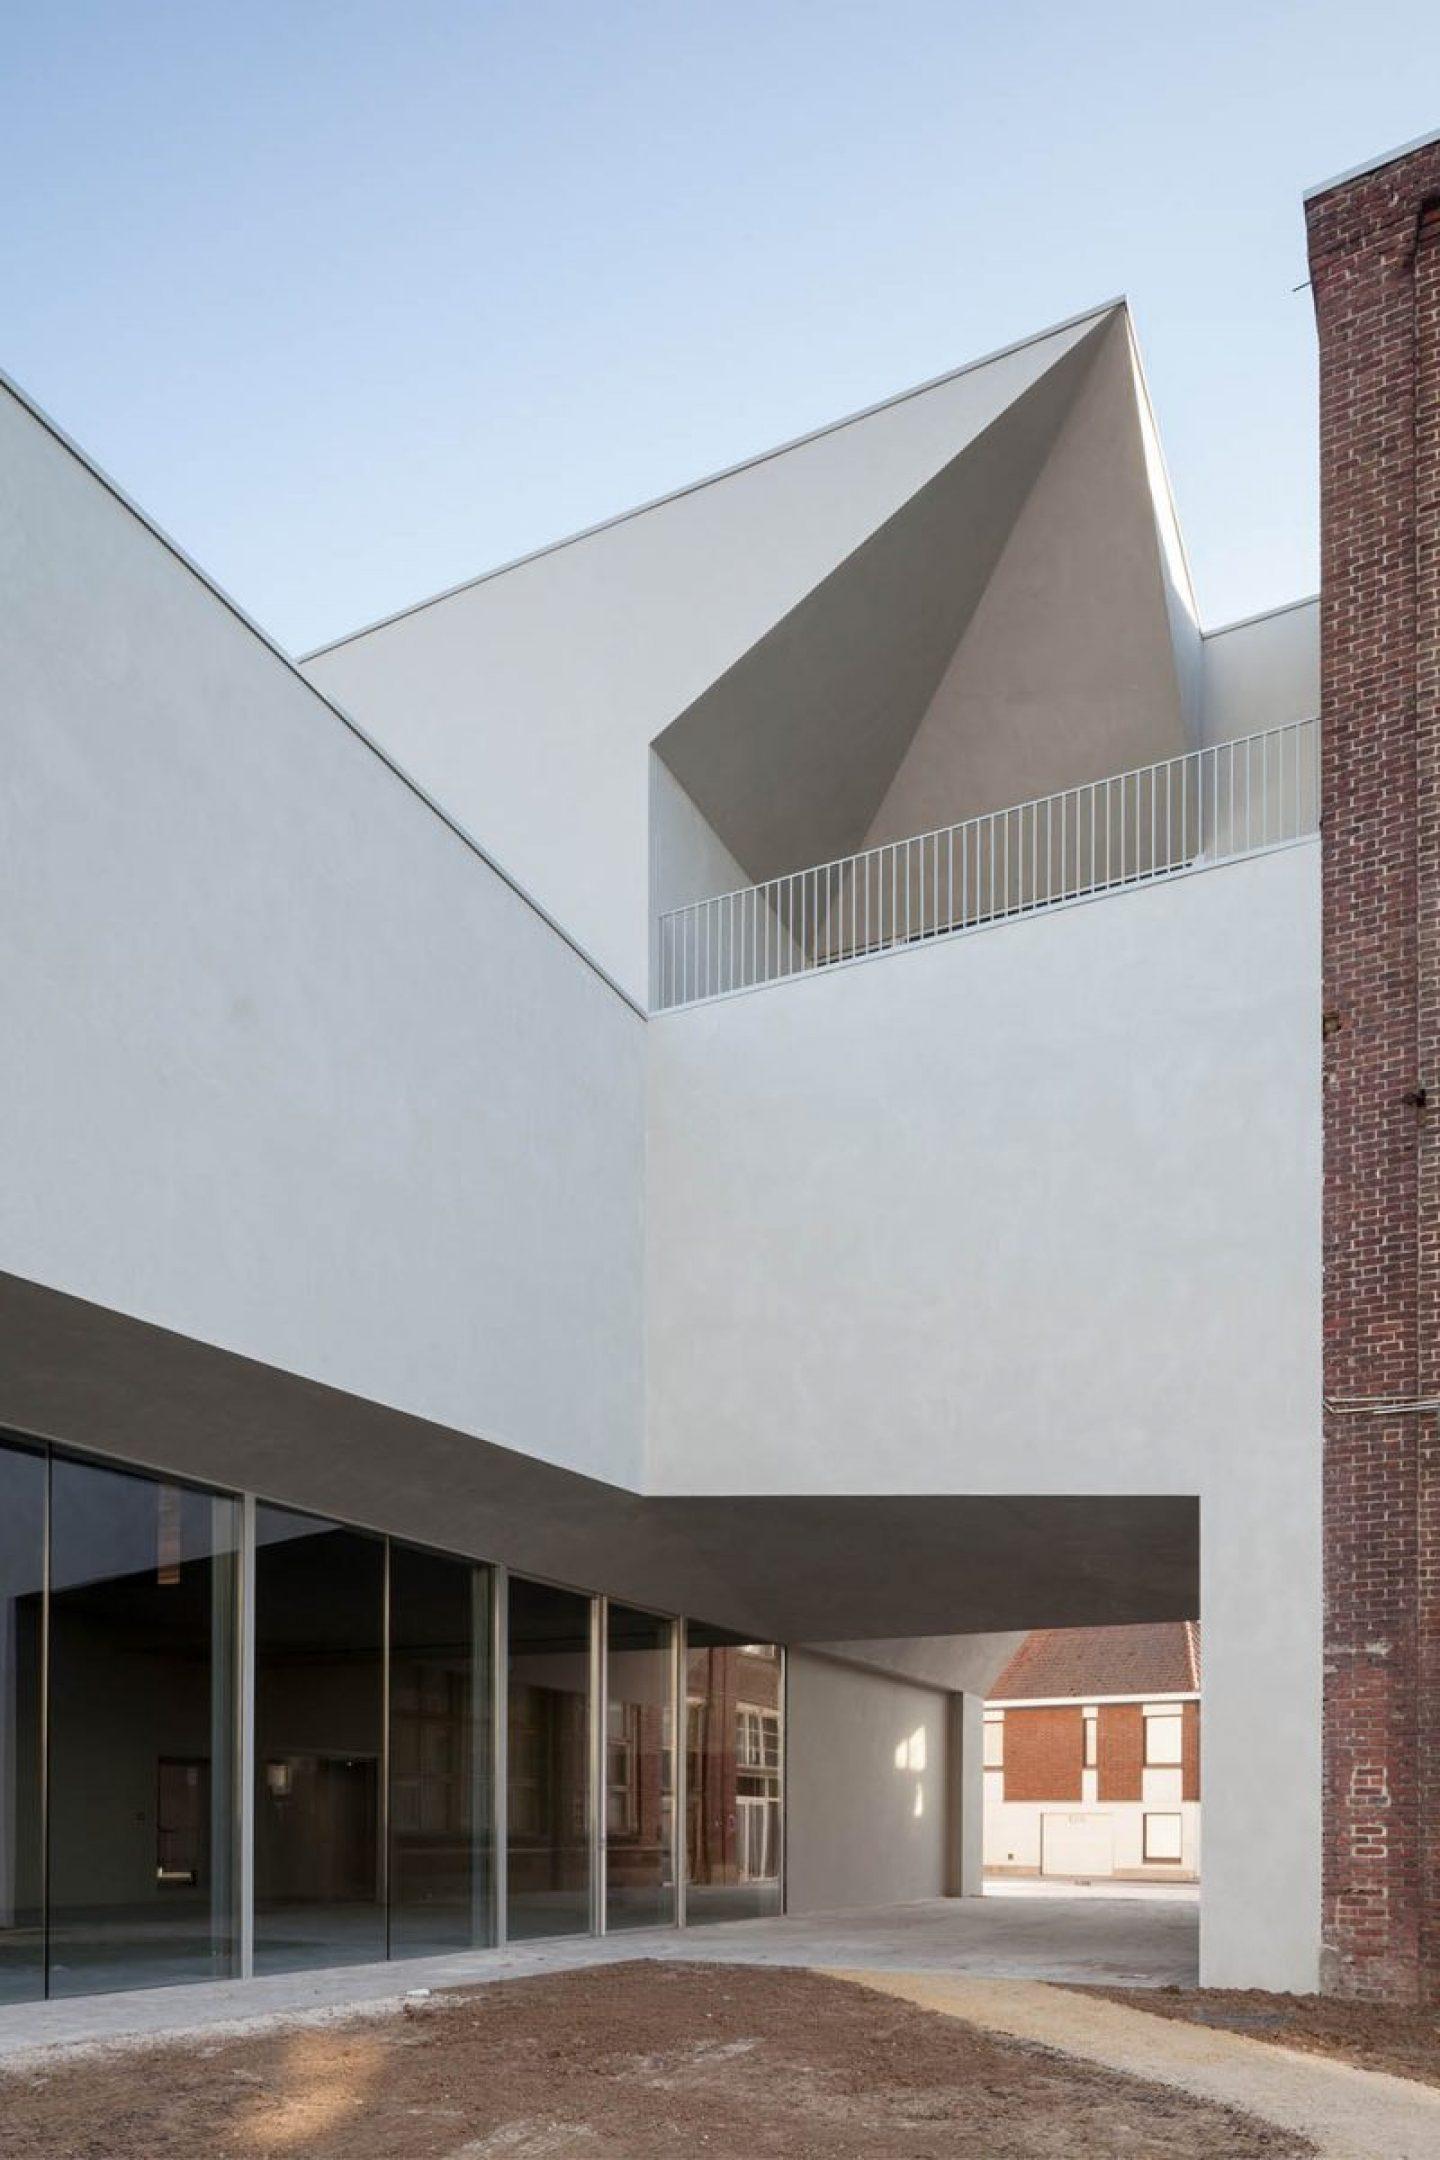 iGNANT_Architecture_Aires_Mateus_LOCI_7